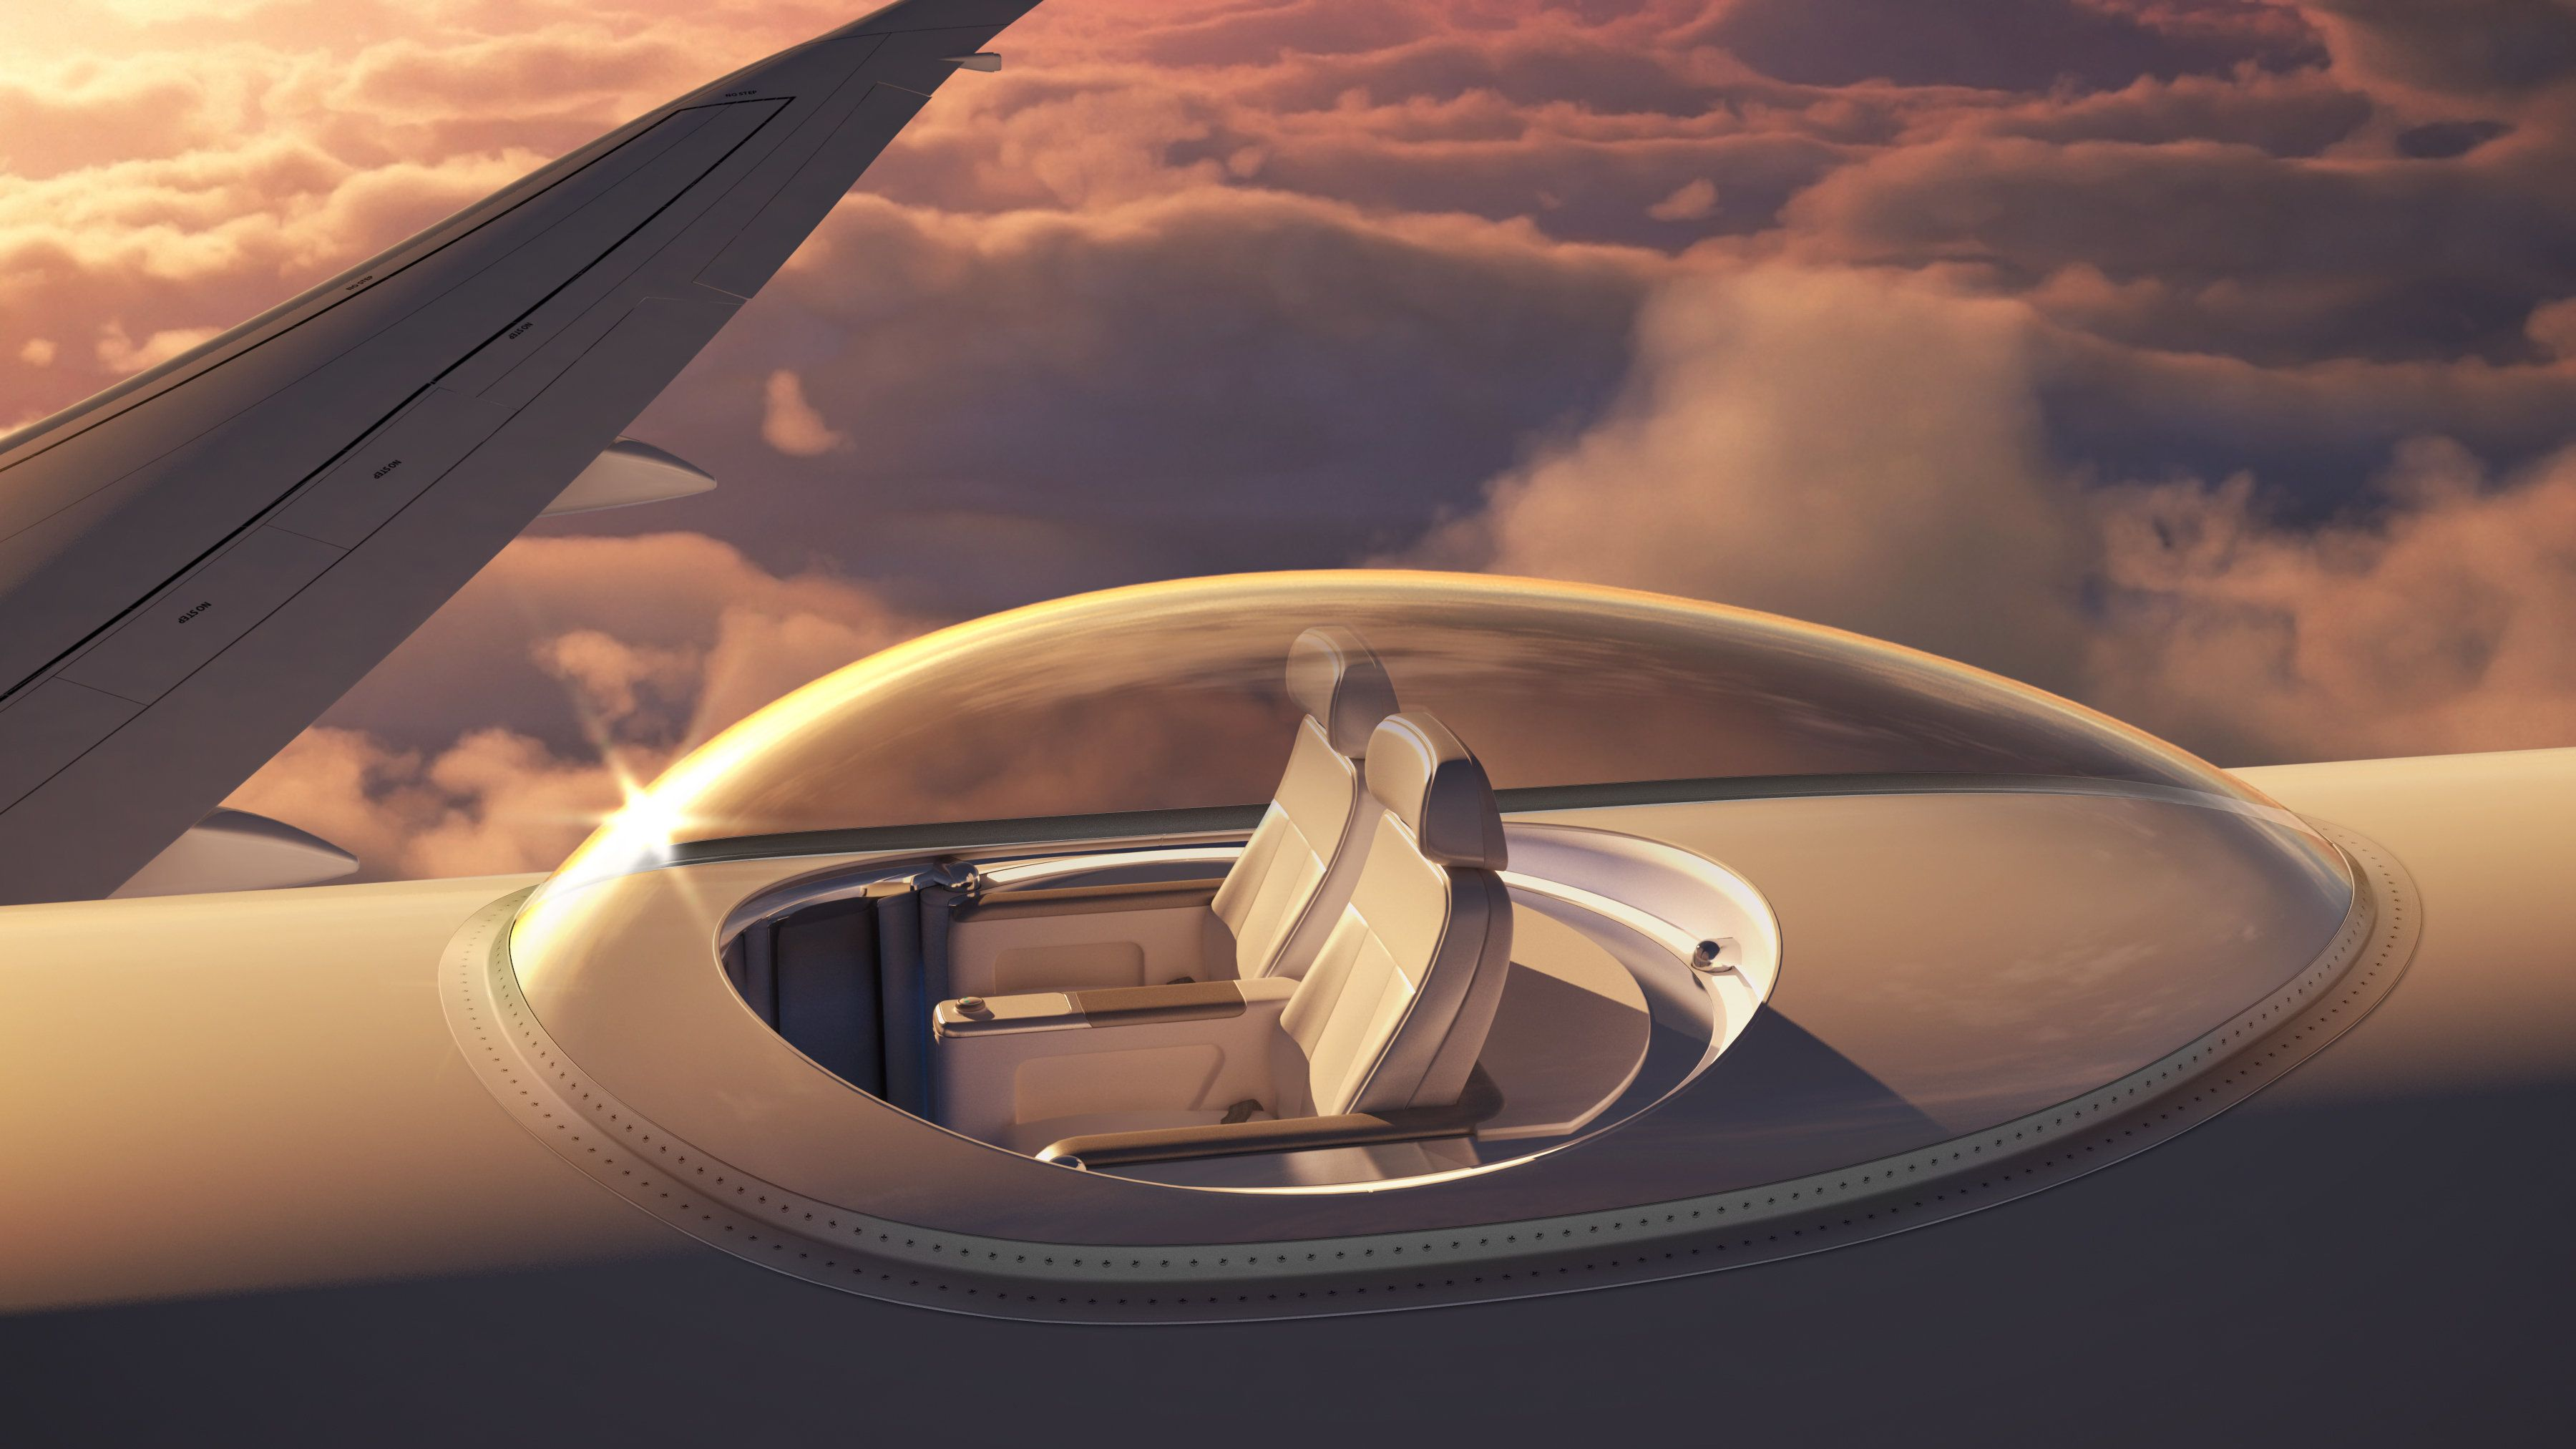 天空を360度見渡せる飛行機のシート「SkyDeck」がすごい(画像・動画)